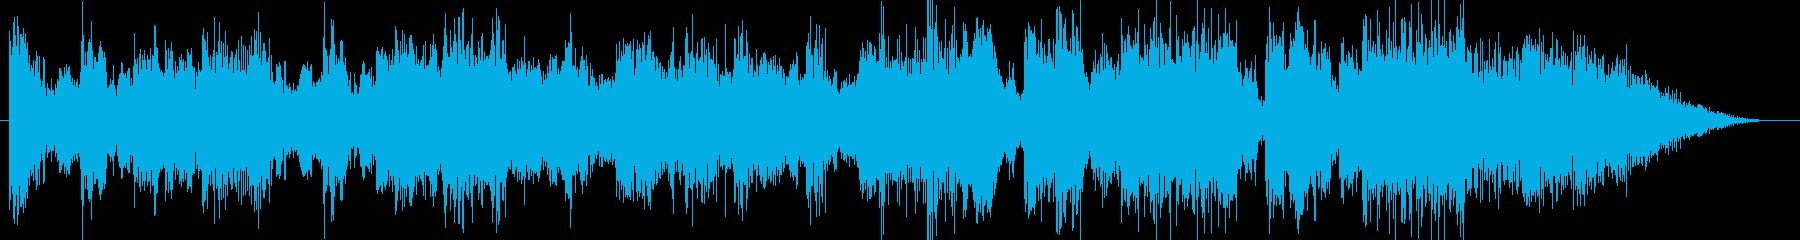 オーケストラ高級CM企業VPオープニングの再生済みの波形